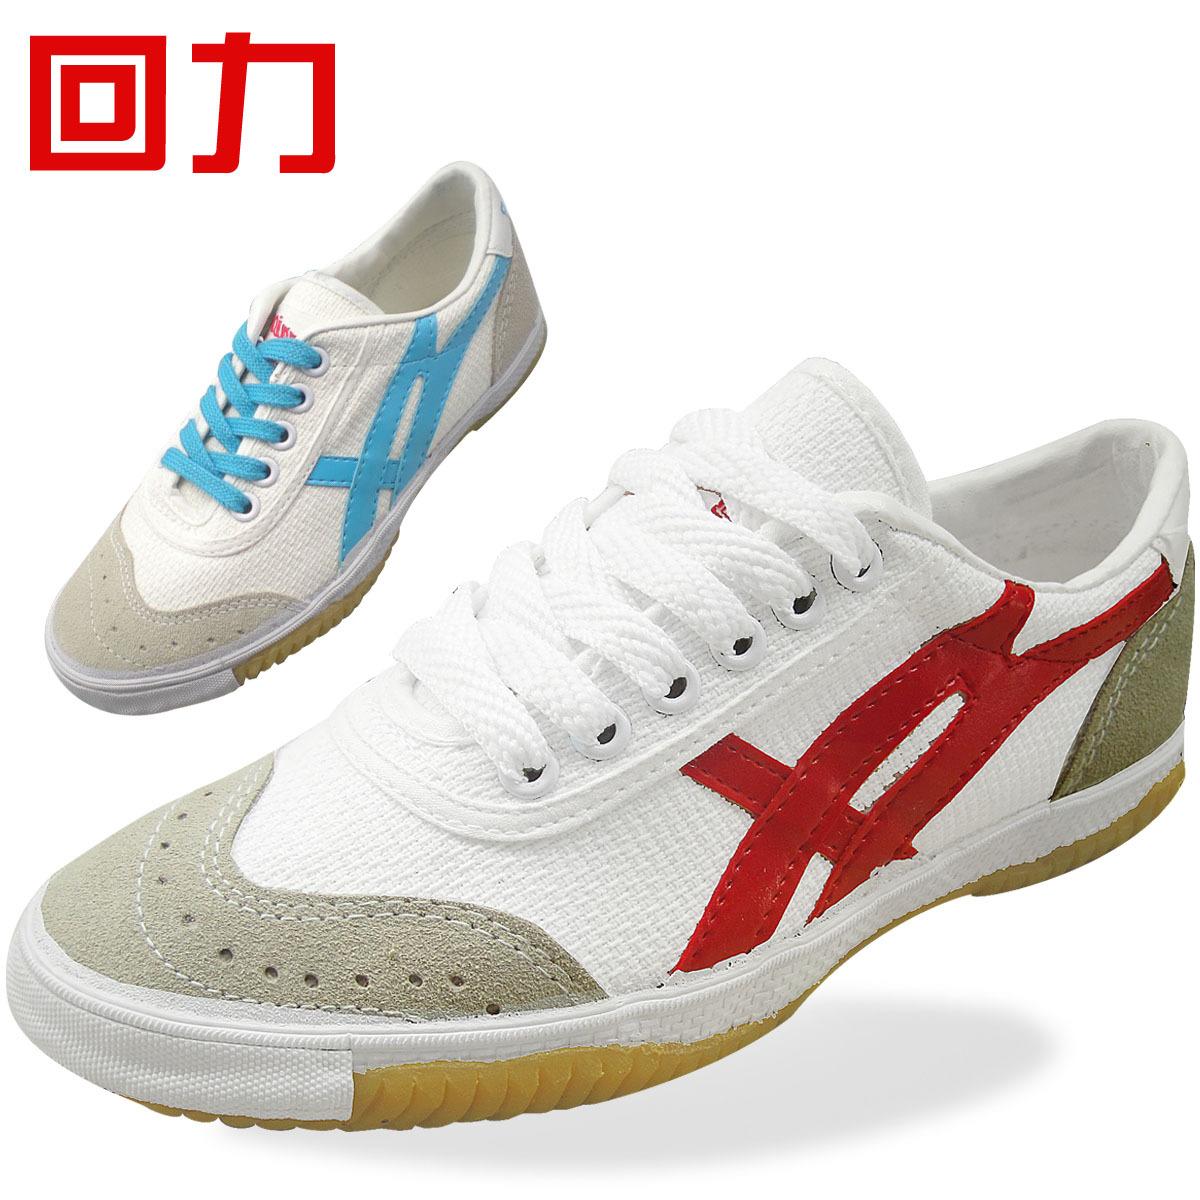 正品回力鞋 经典健身鞋跑步鞋透气男女跑鞋 超轻牛筋底帆布训练鞋